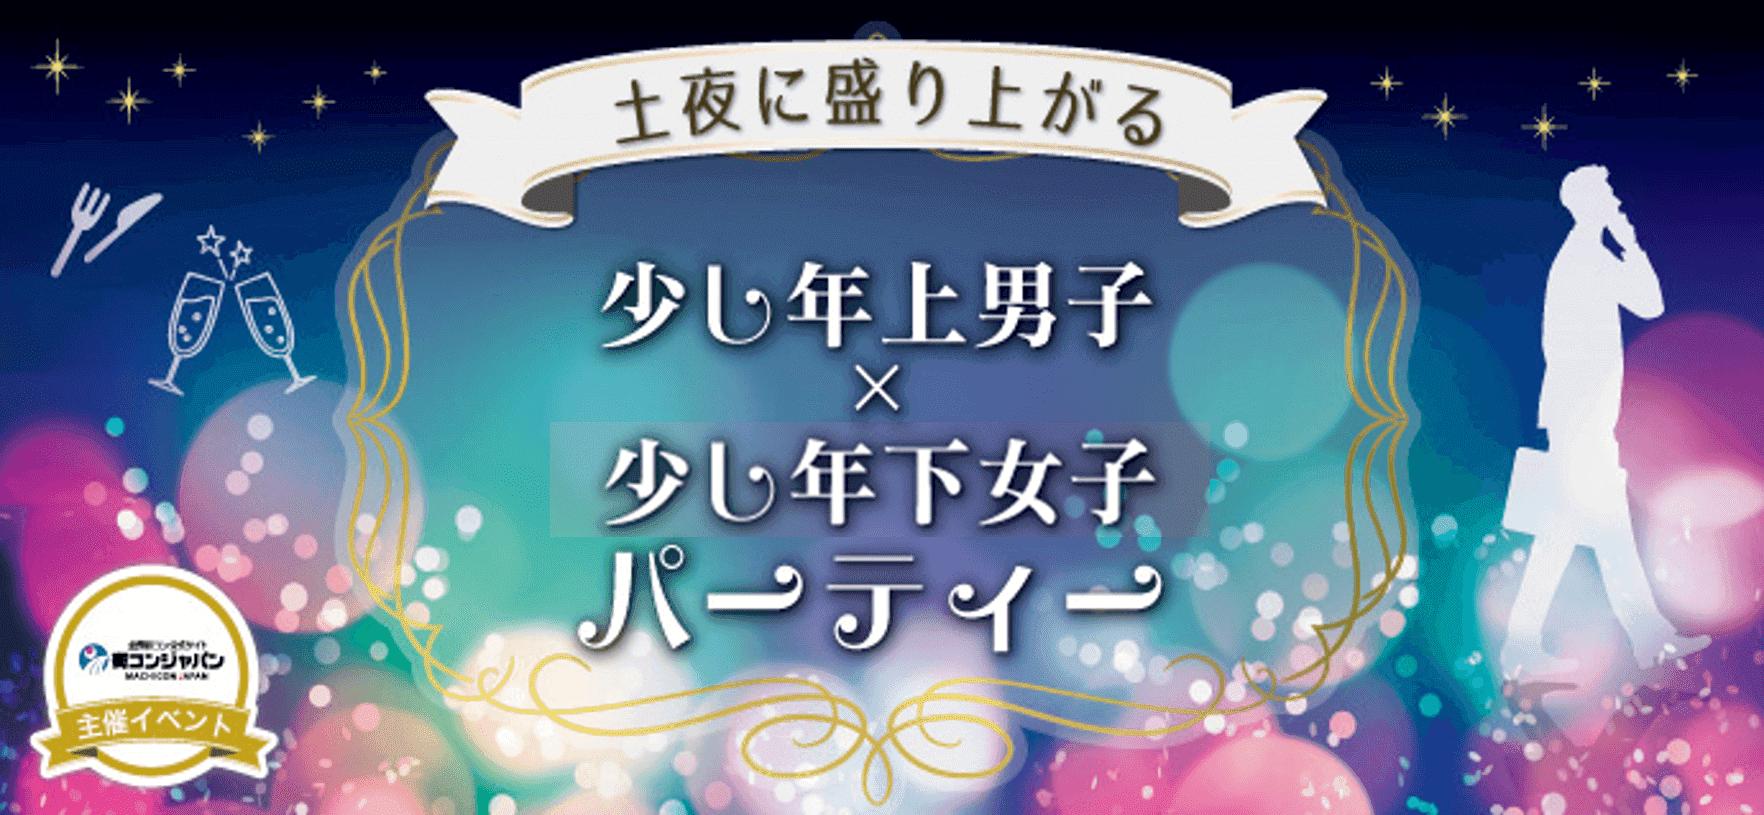 【三宮・元町の恋活パーティー】街コンジャパン主催 2017年4月29日